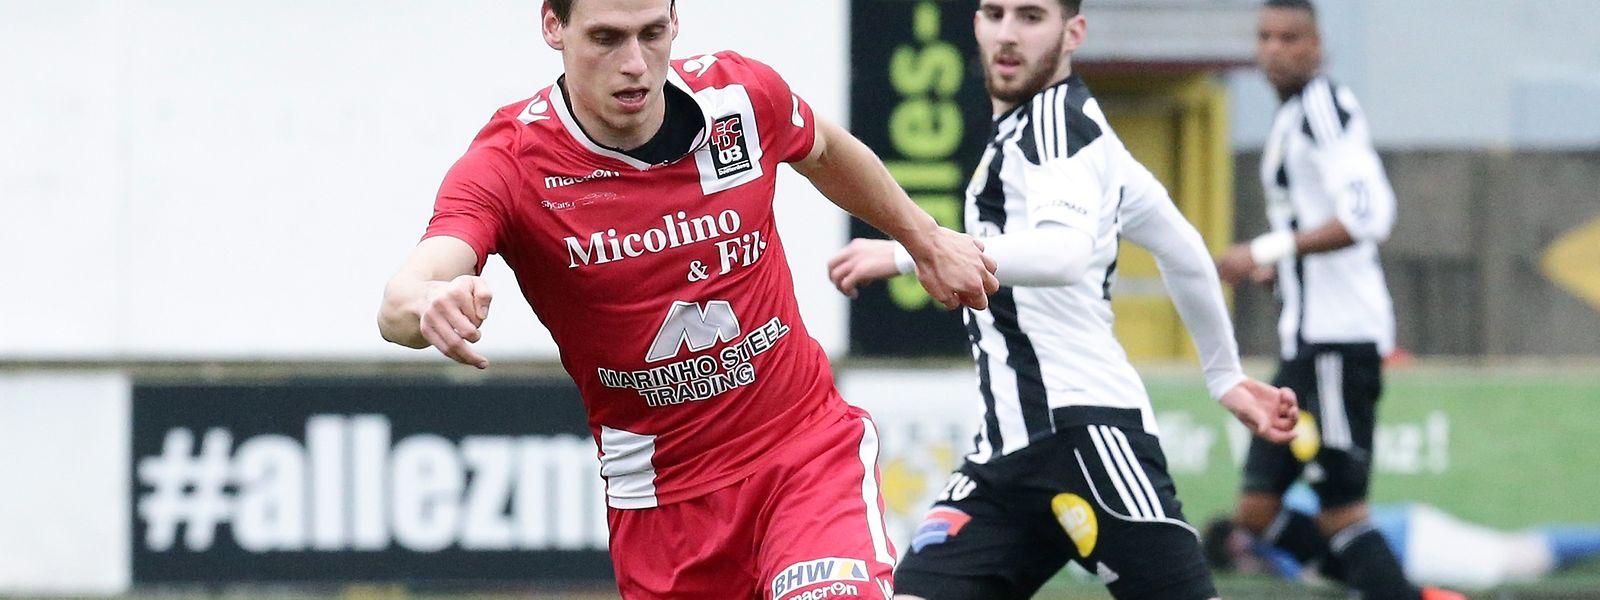 Leistungsträger, Kapitän, Vorbild: Mathias Jänisch spielt seit acht Jahren in Differdingen.